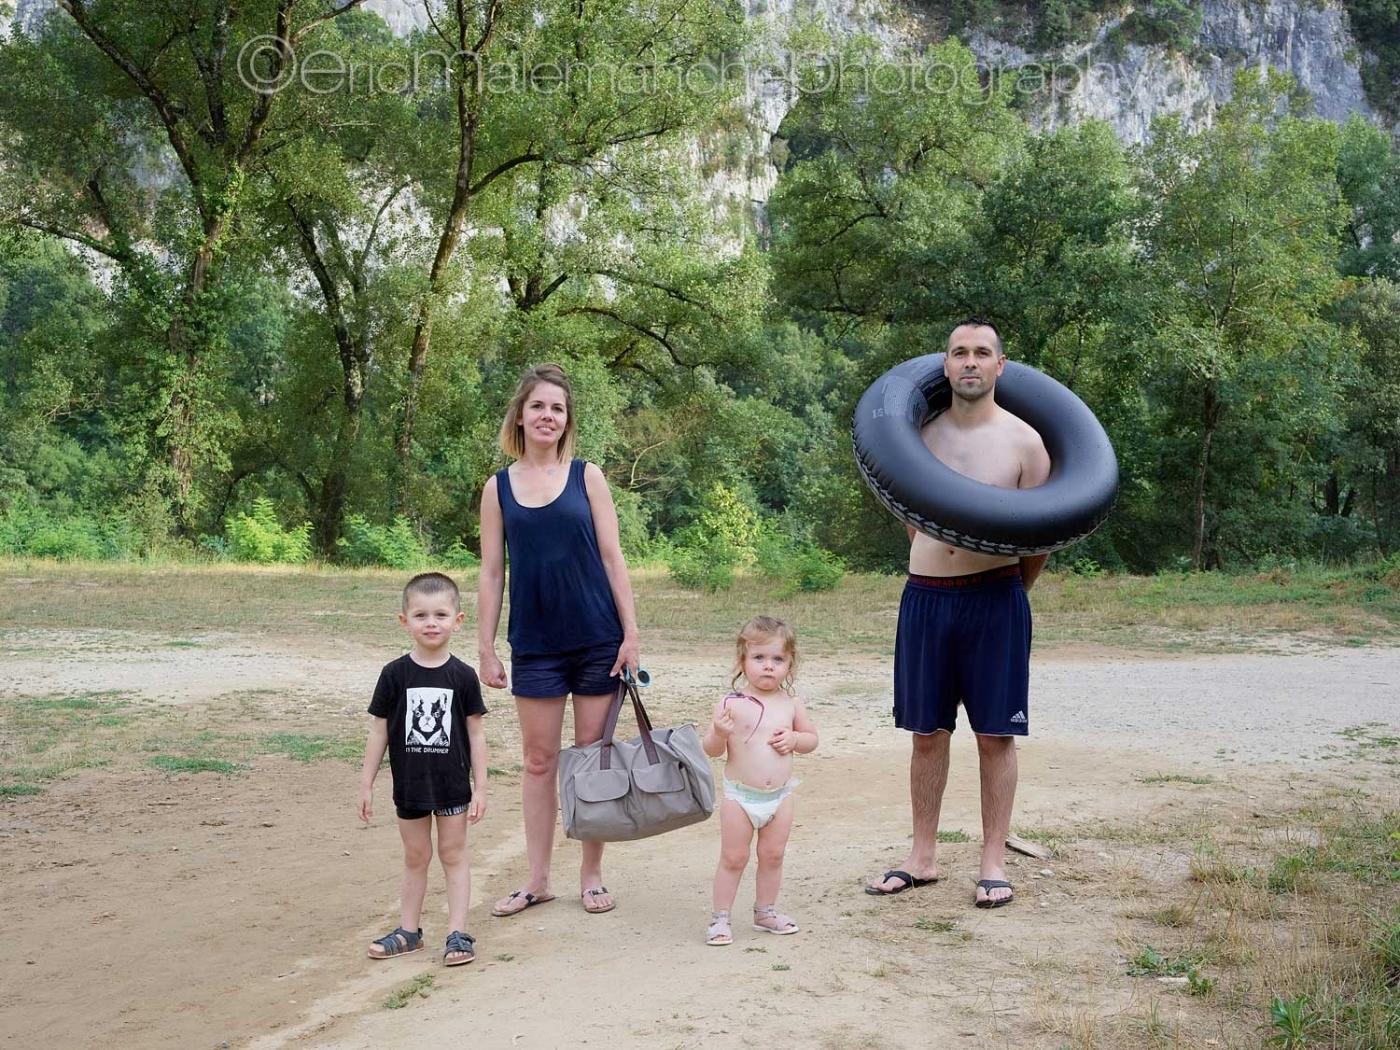 https://www.ericmalemanche.com/imagess/topics/les-conges/liste/vacances-en-famille-2017.jpg